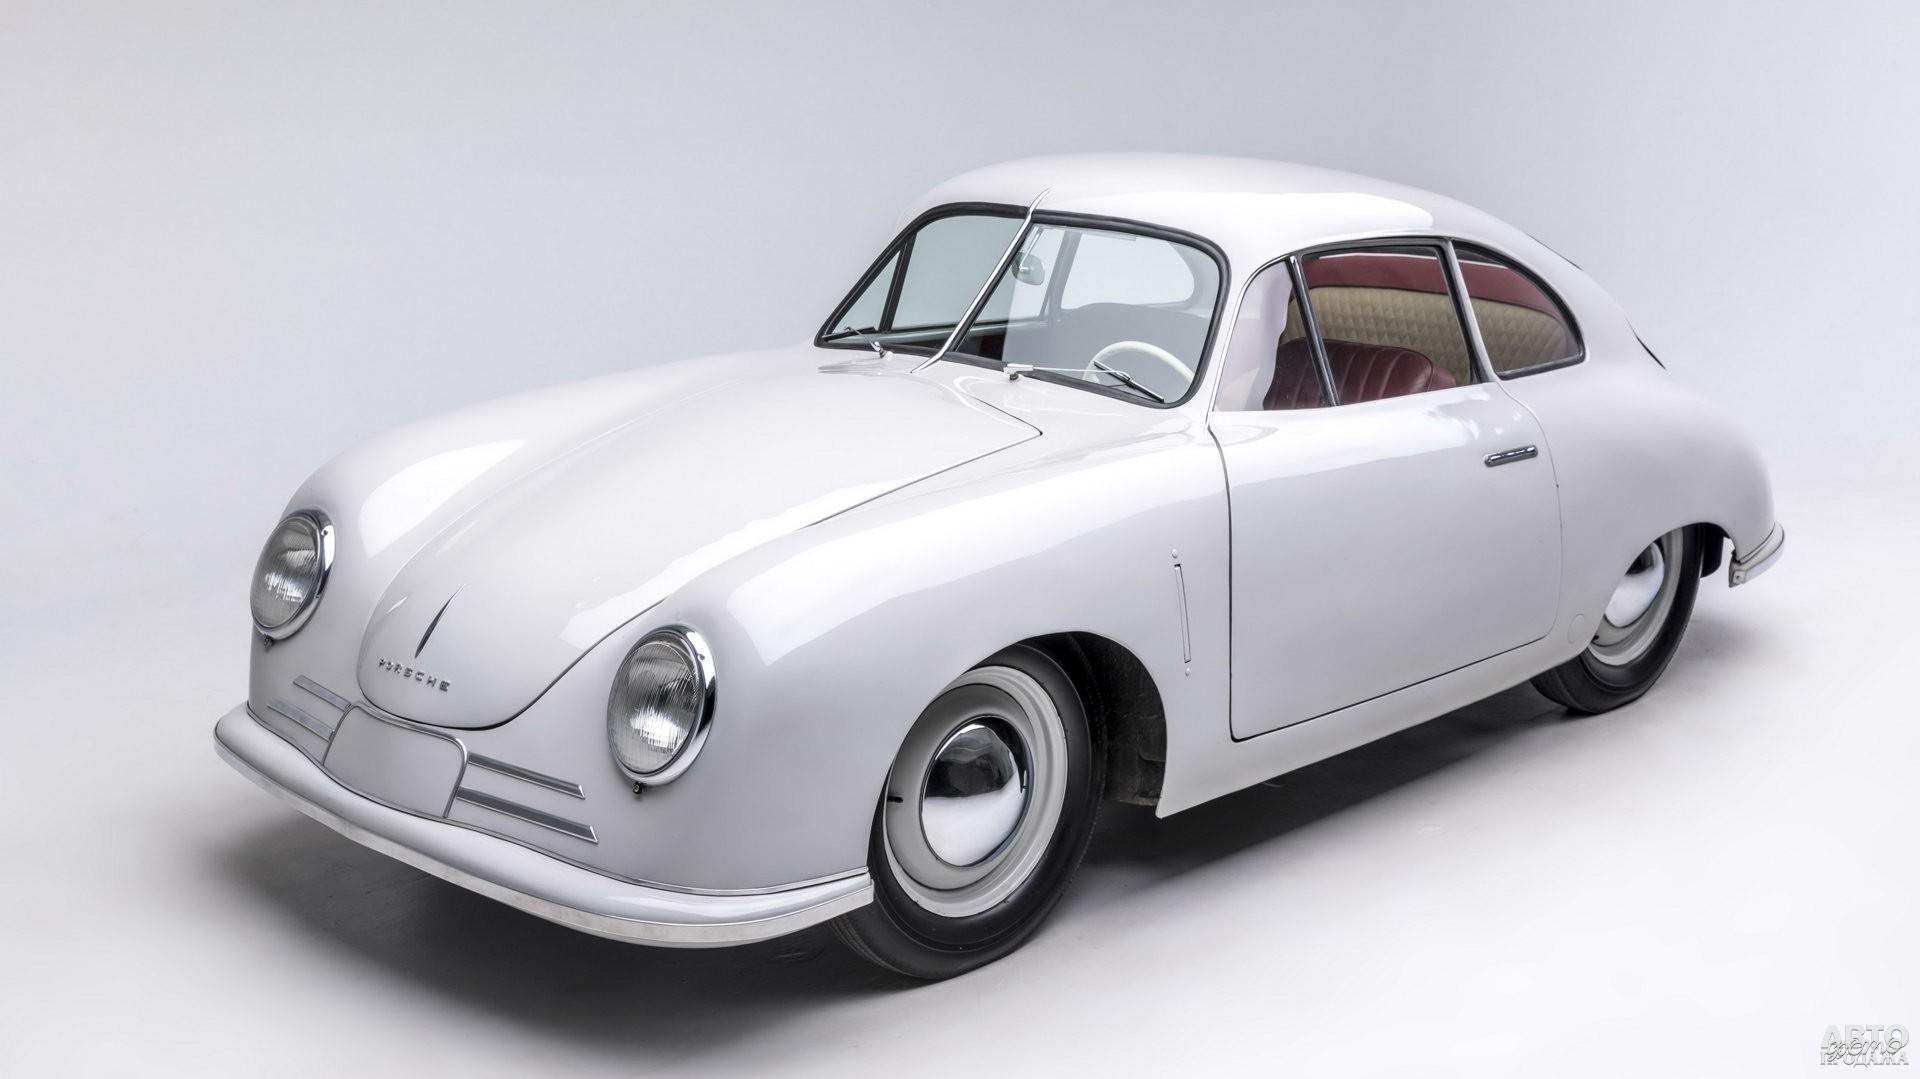 Porsche 356 построен на агрегатах Жука